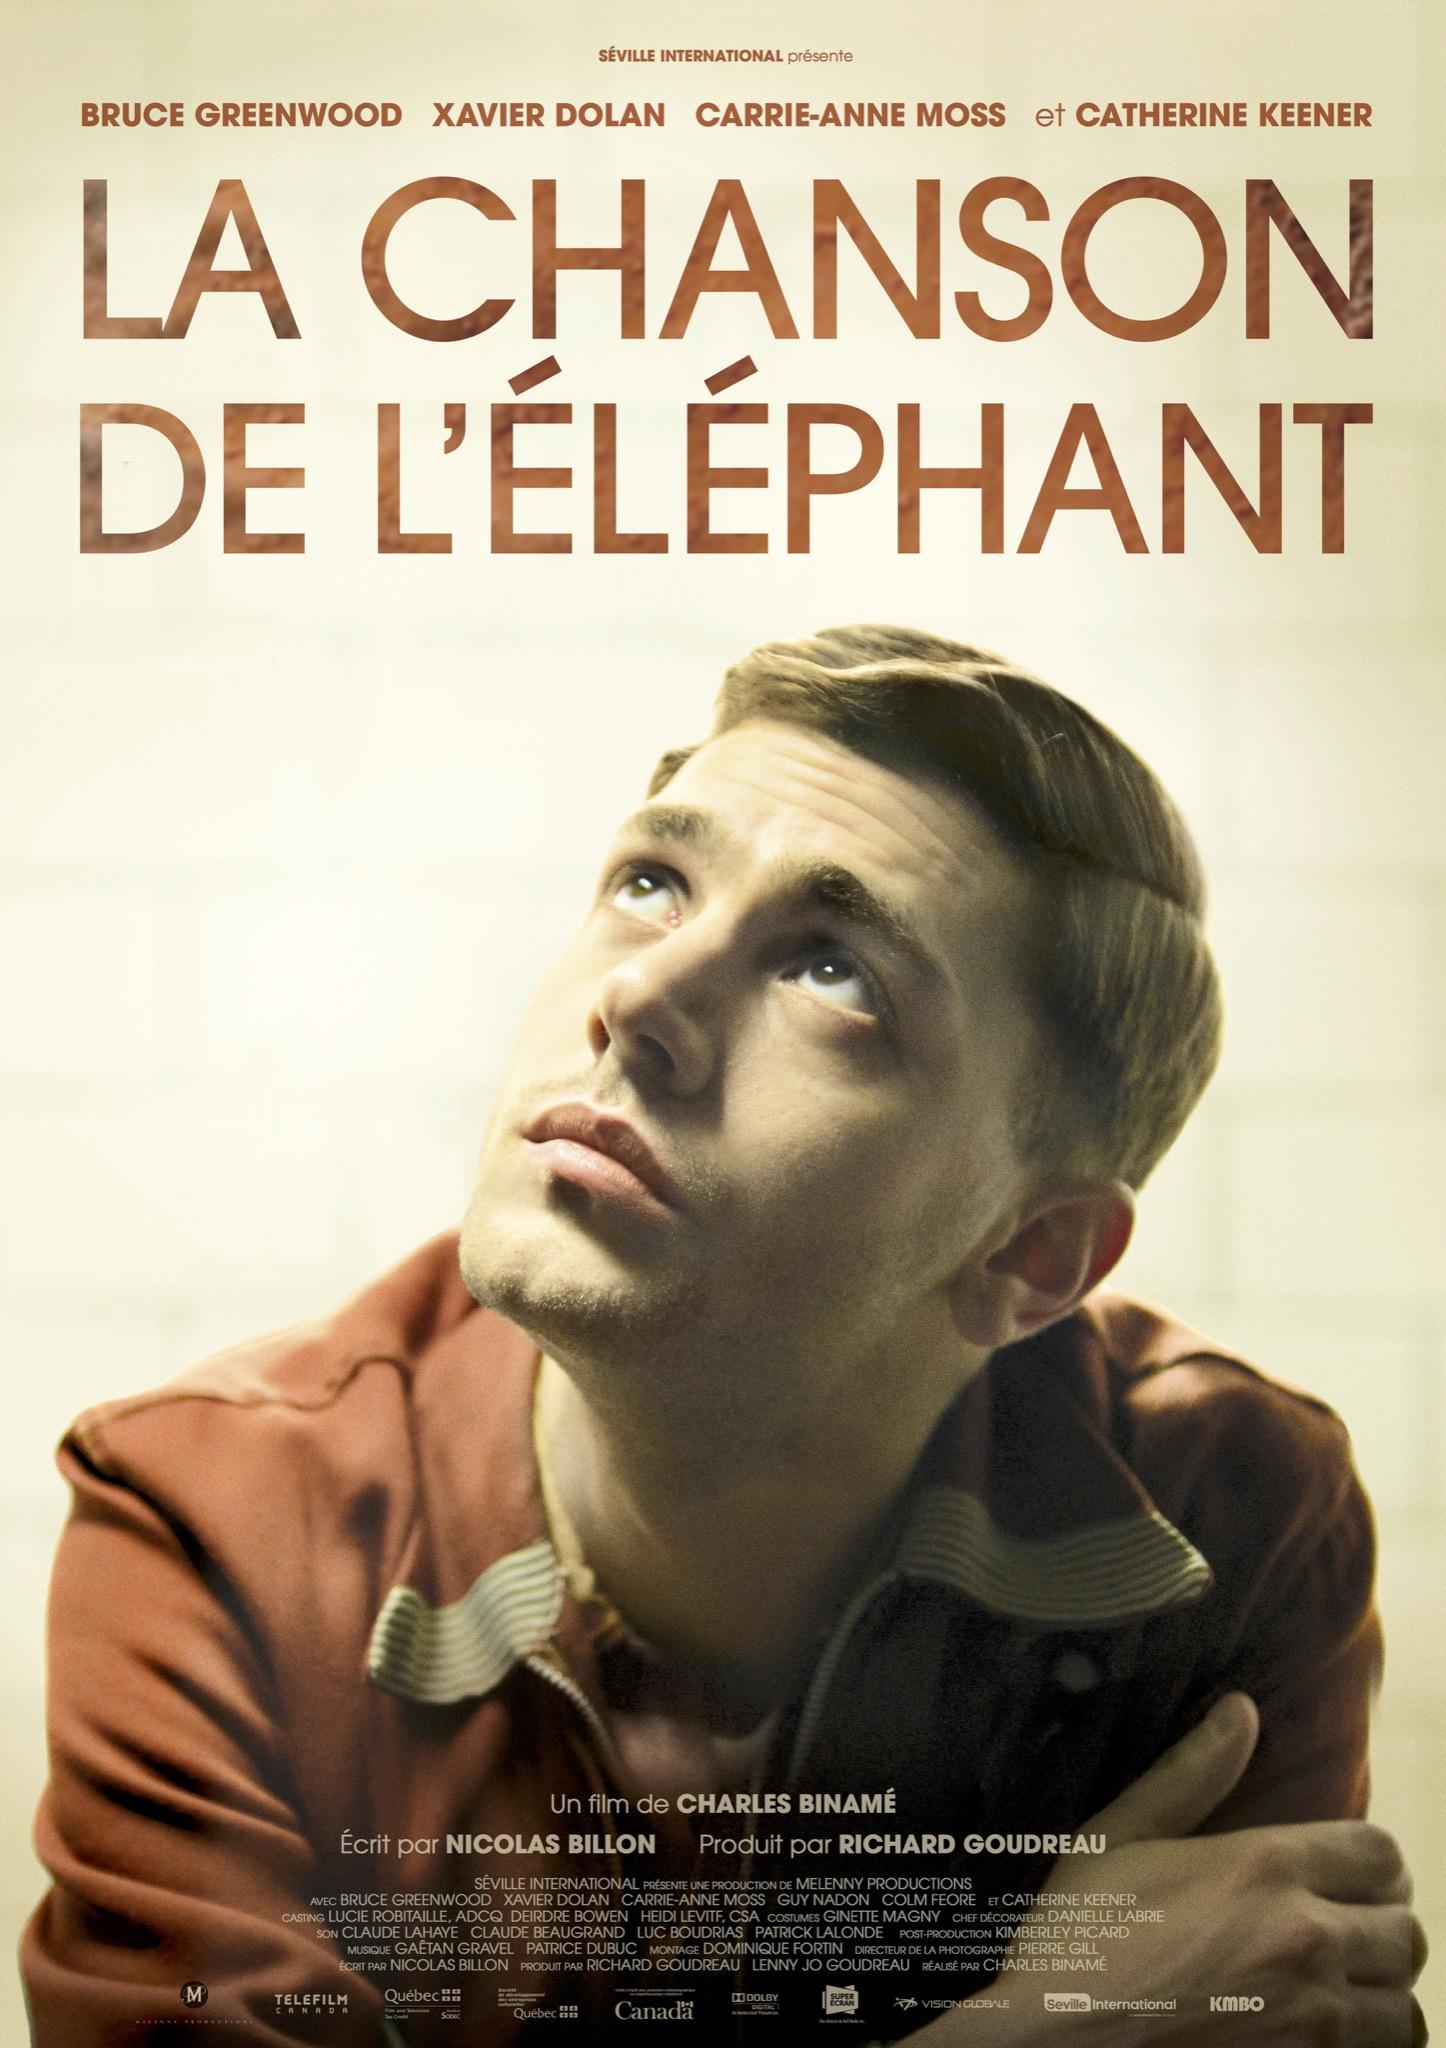 La Chanson de l'elephant affiche